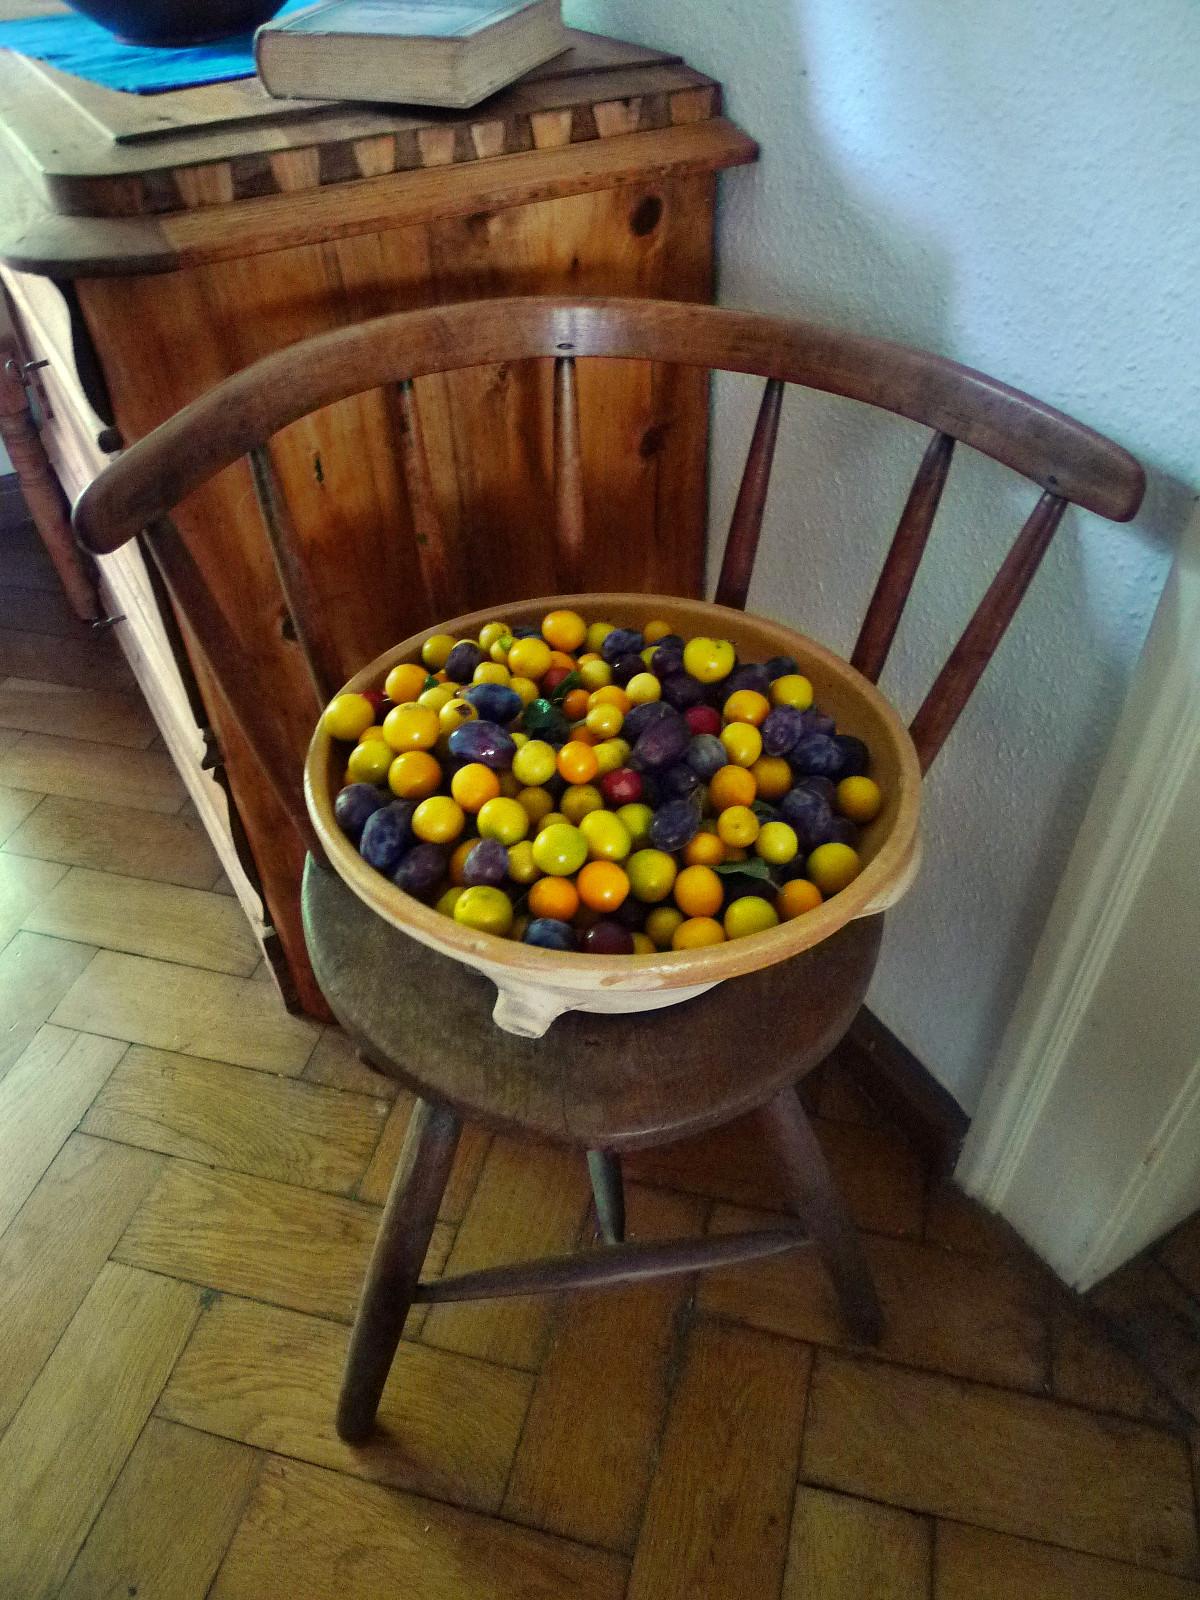 Obst aus Nermsdorf-6.8.14   (3)